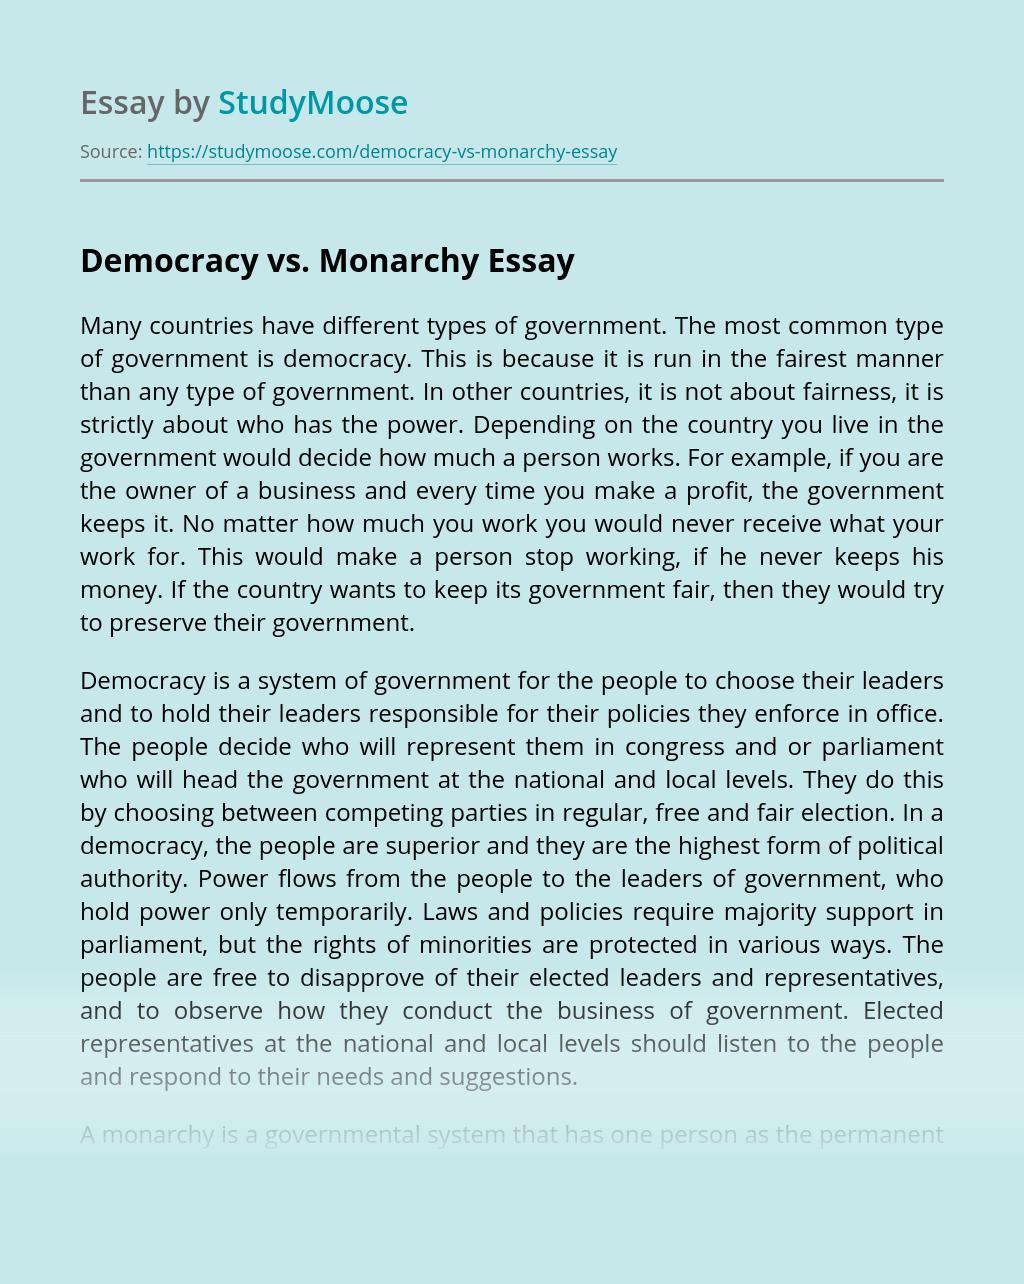 Democracy vs. Monarchy